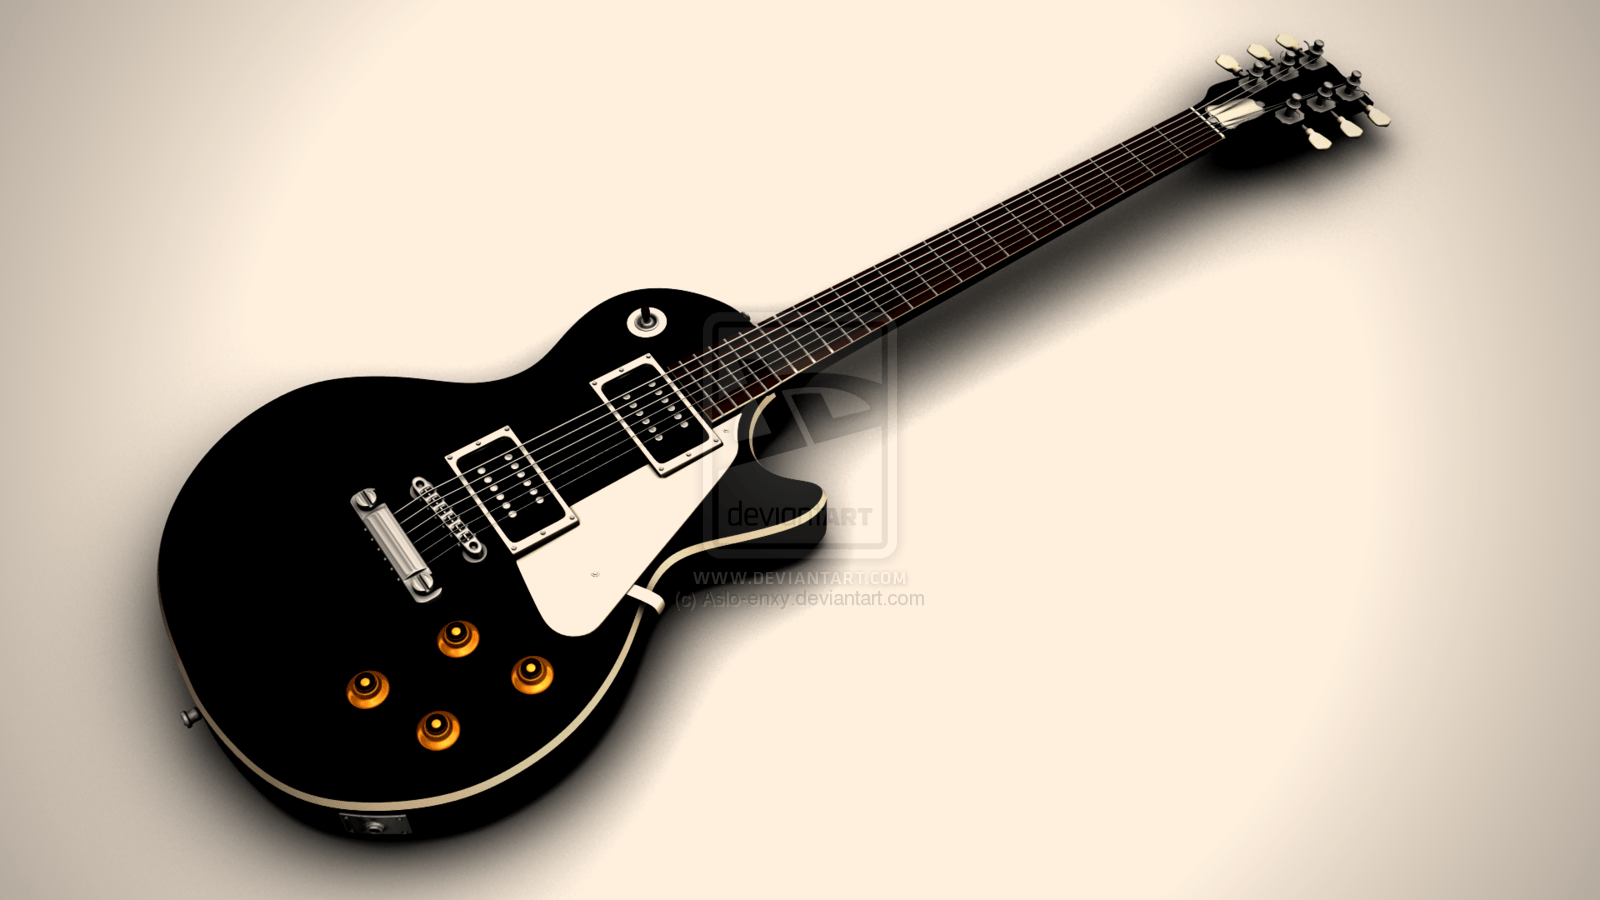 Les Paul Guitar Wallpapers